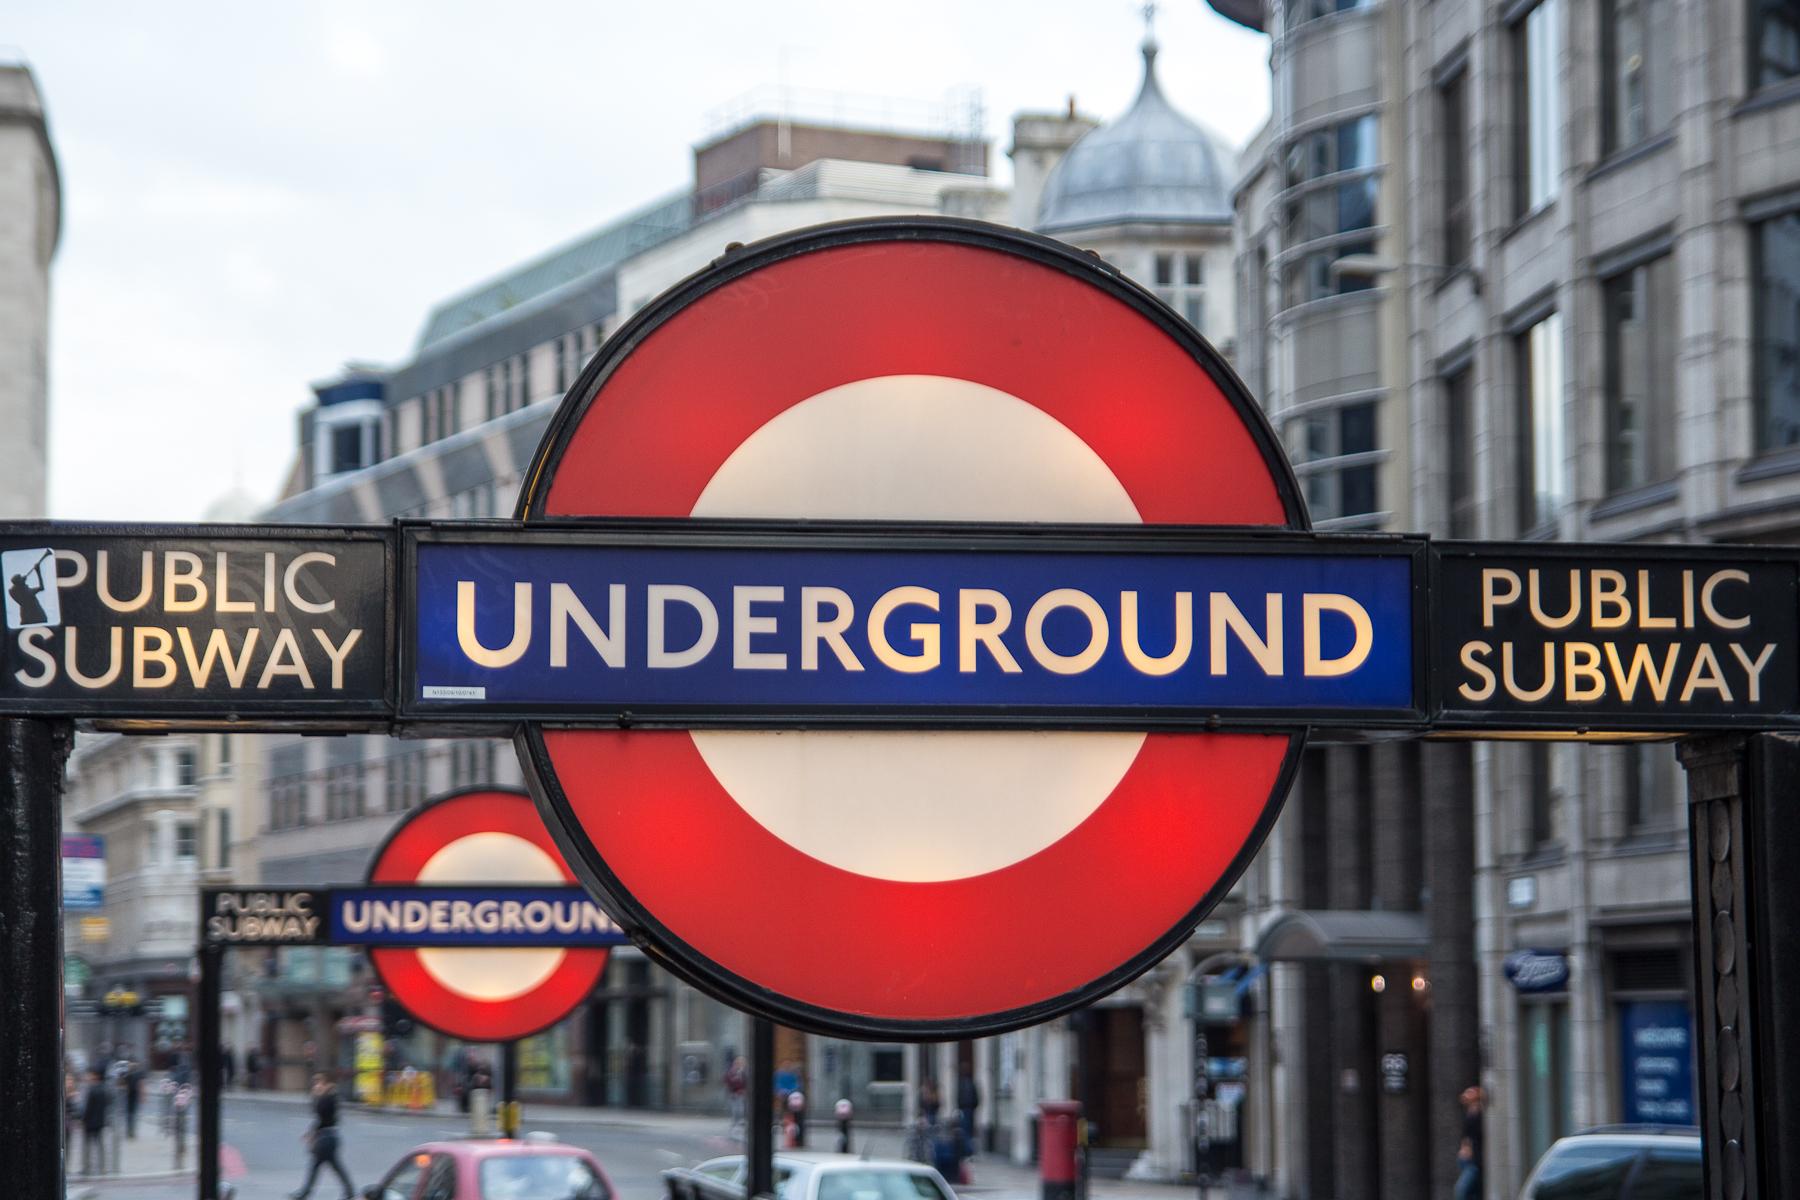 Underground Via @Atisgailis